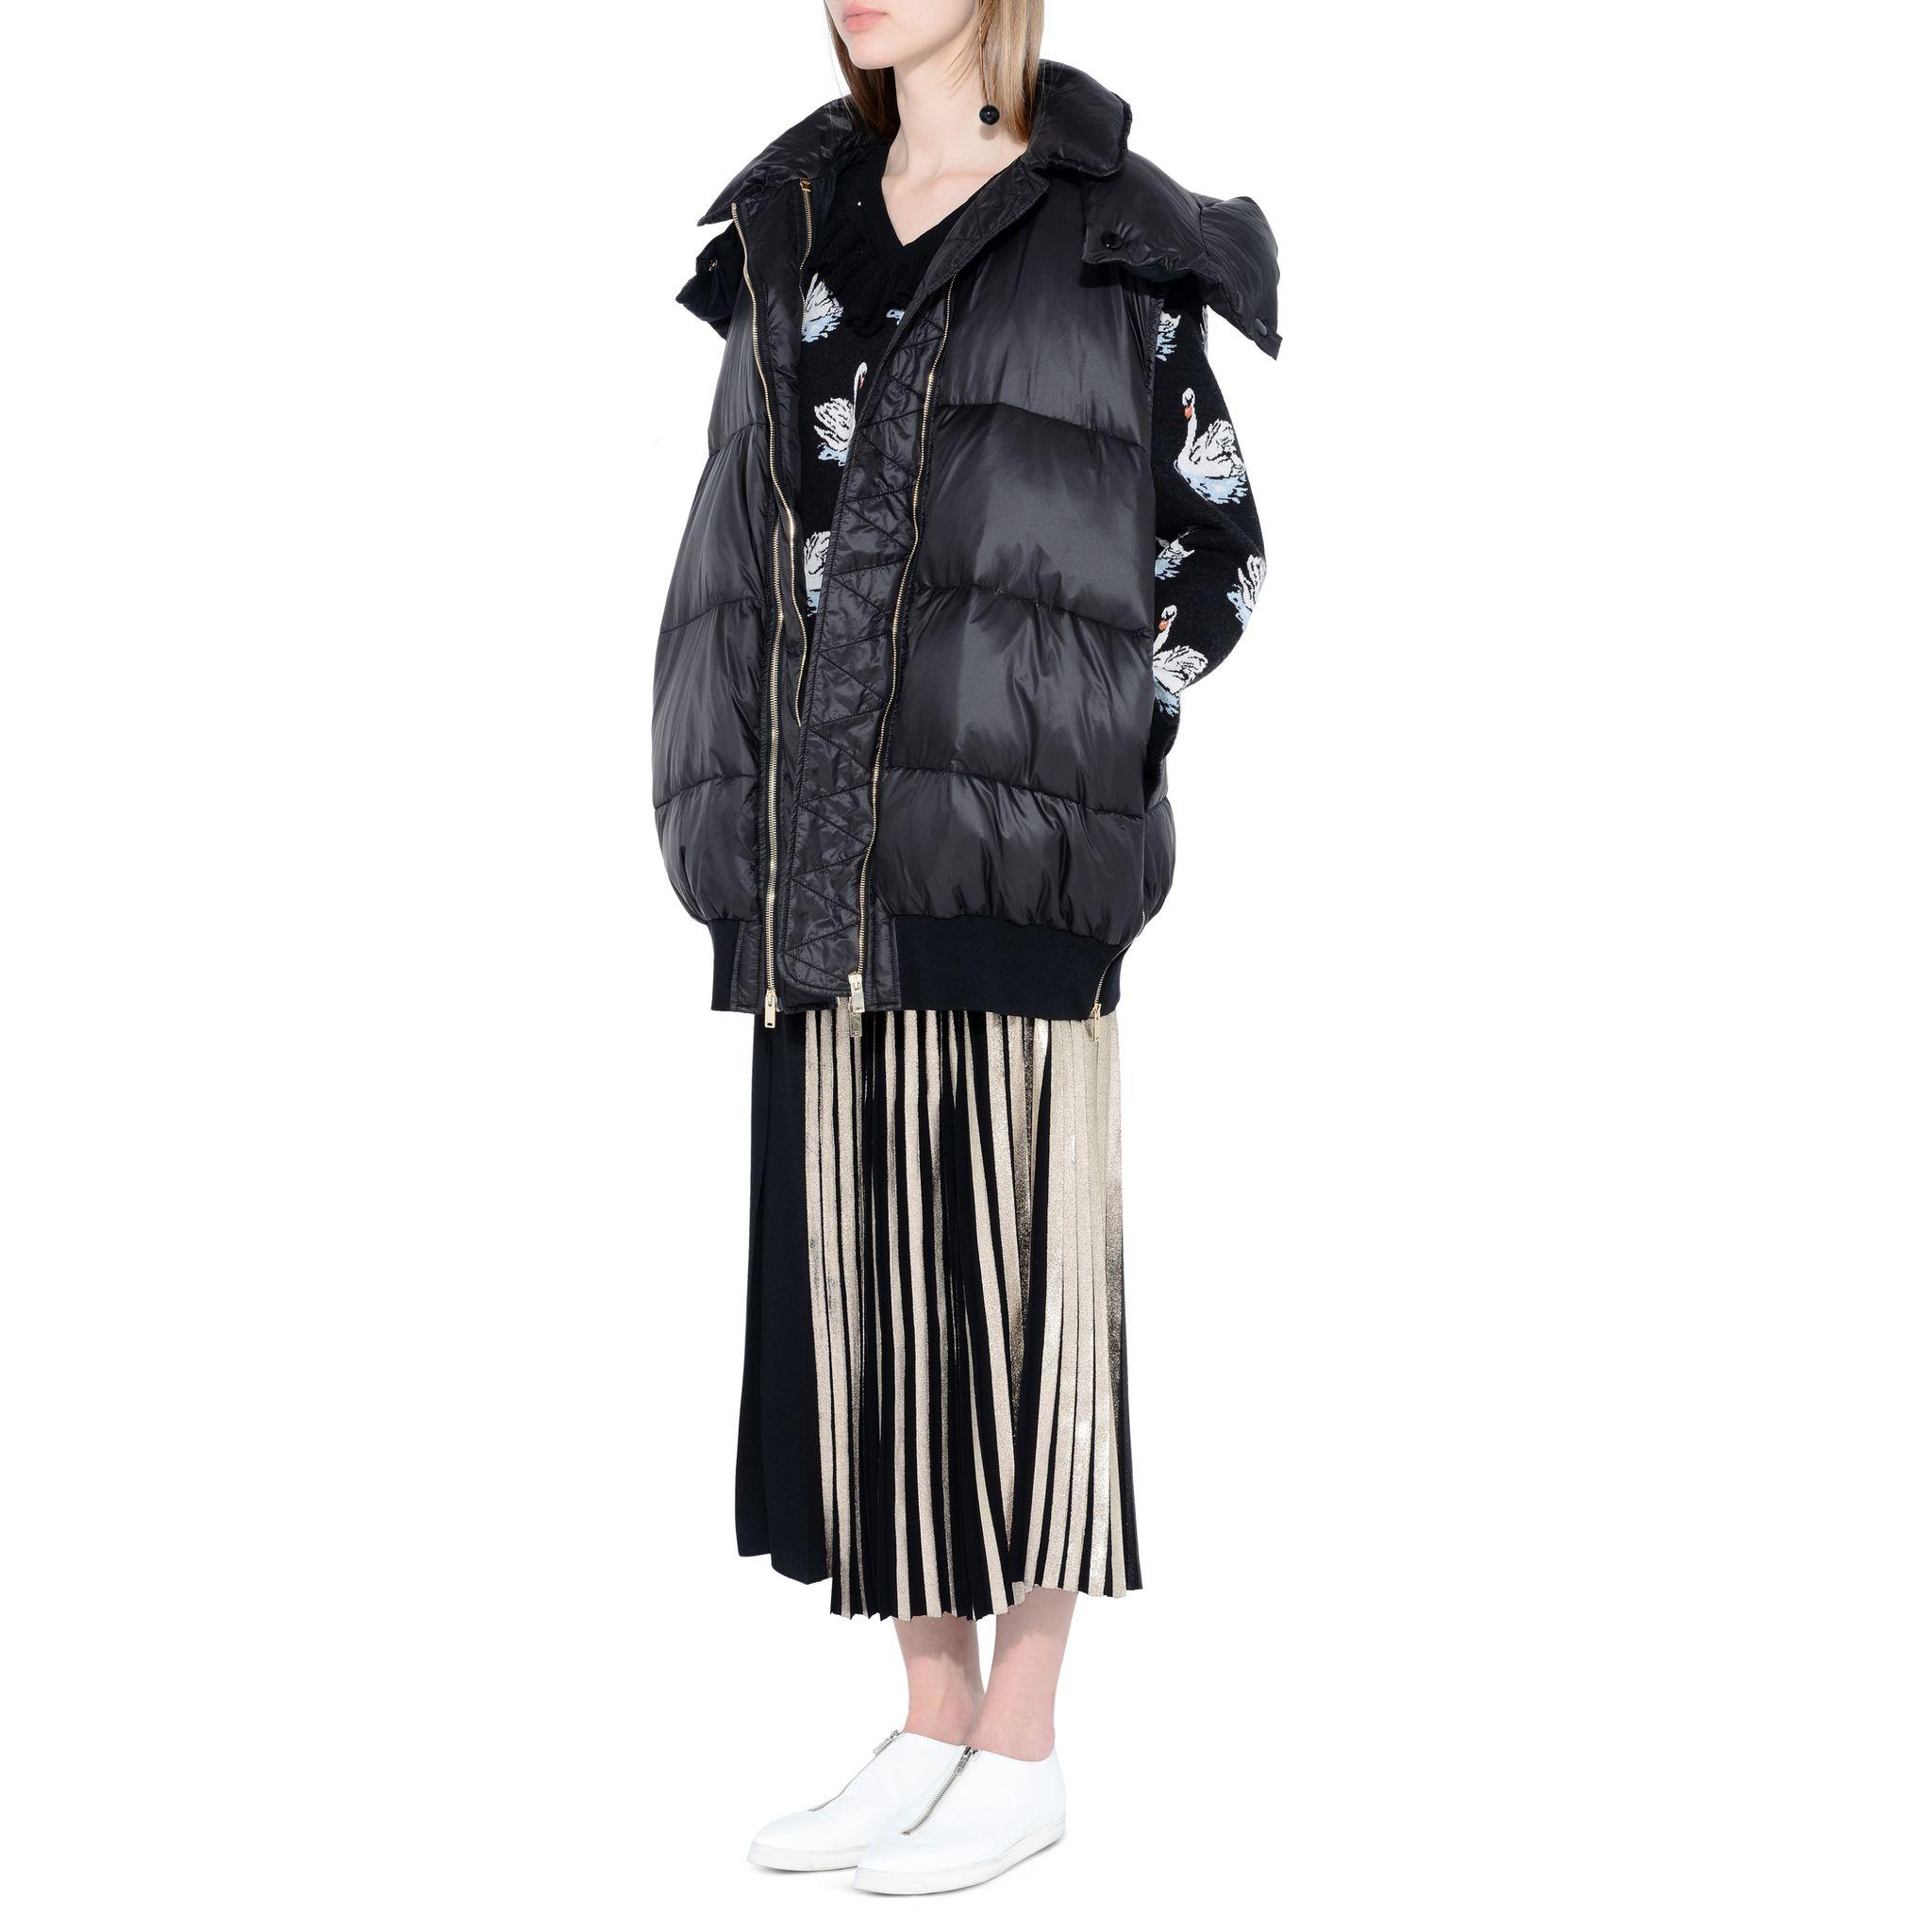 Moda Inverno 2017, gonne a pieghe lunghe, le foto